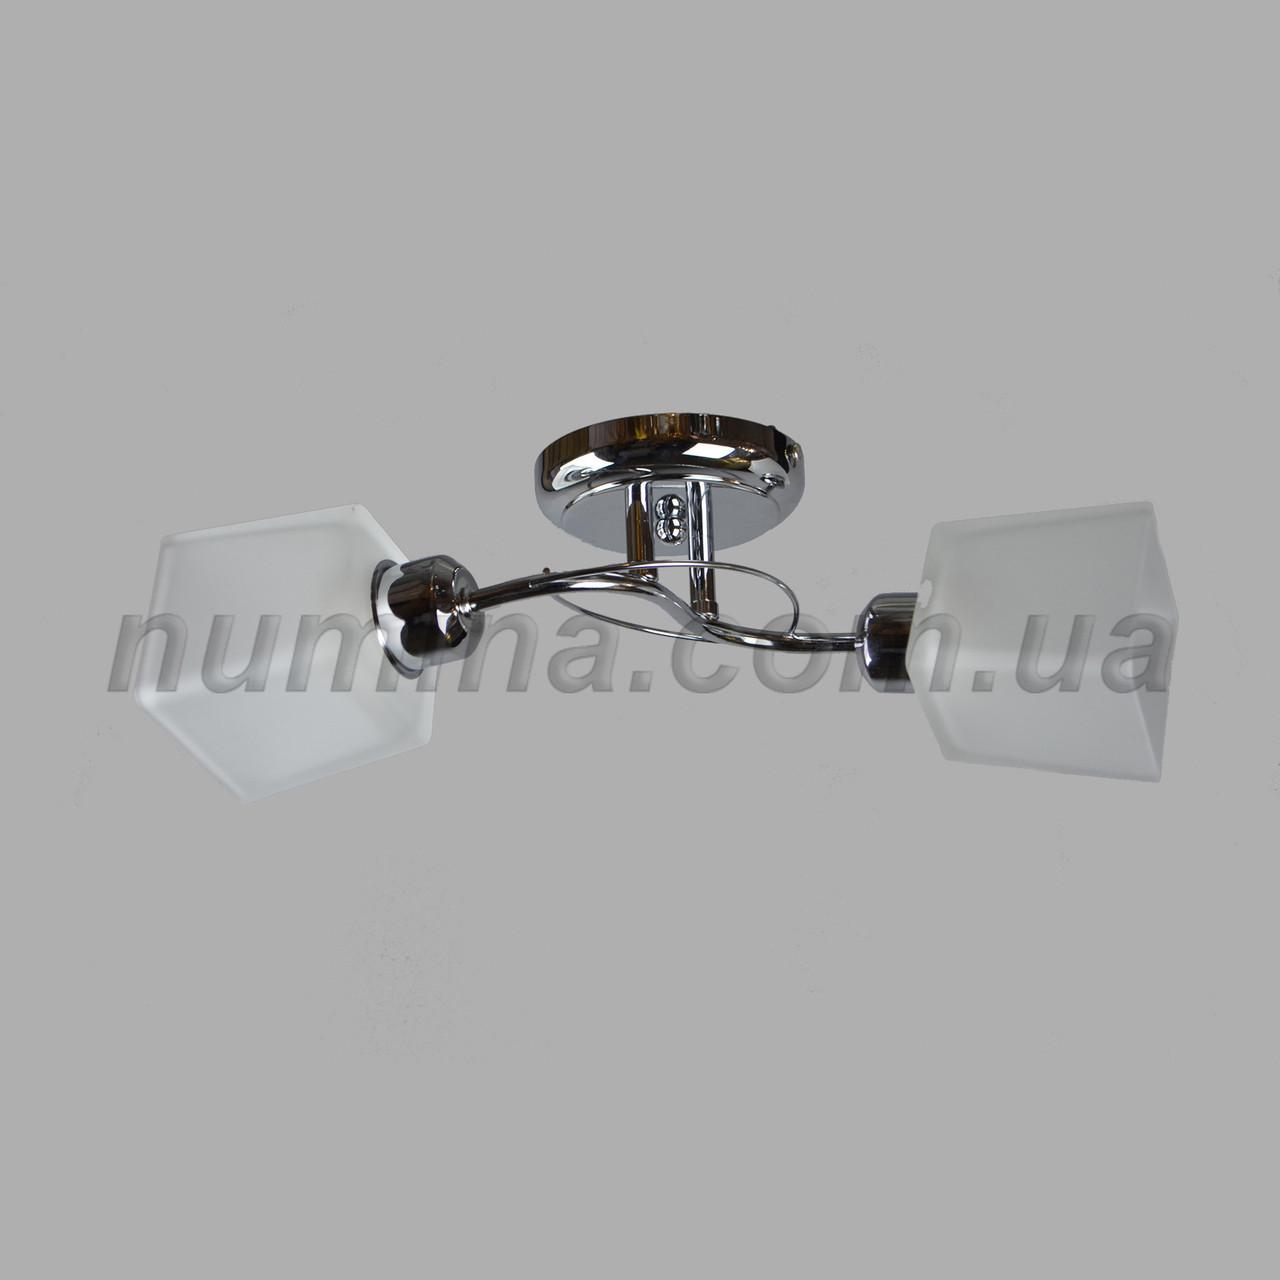 Люстра потолочная на две лампы 70-8857/2 CR+WT